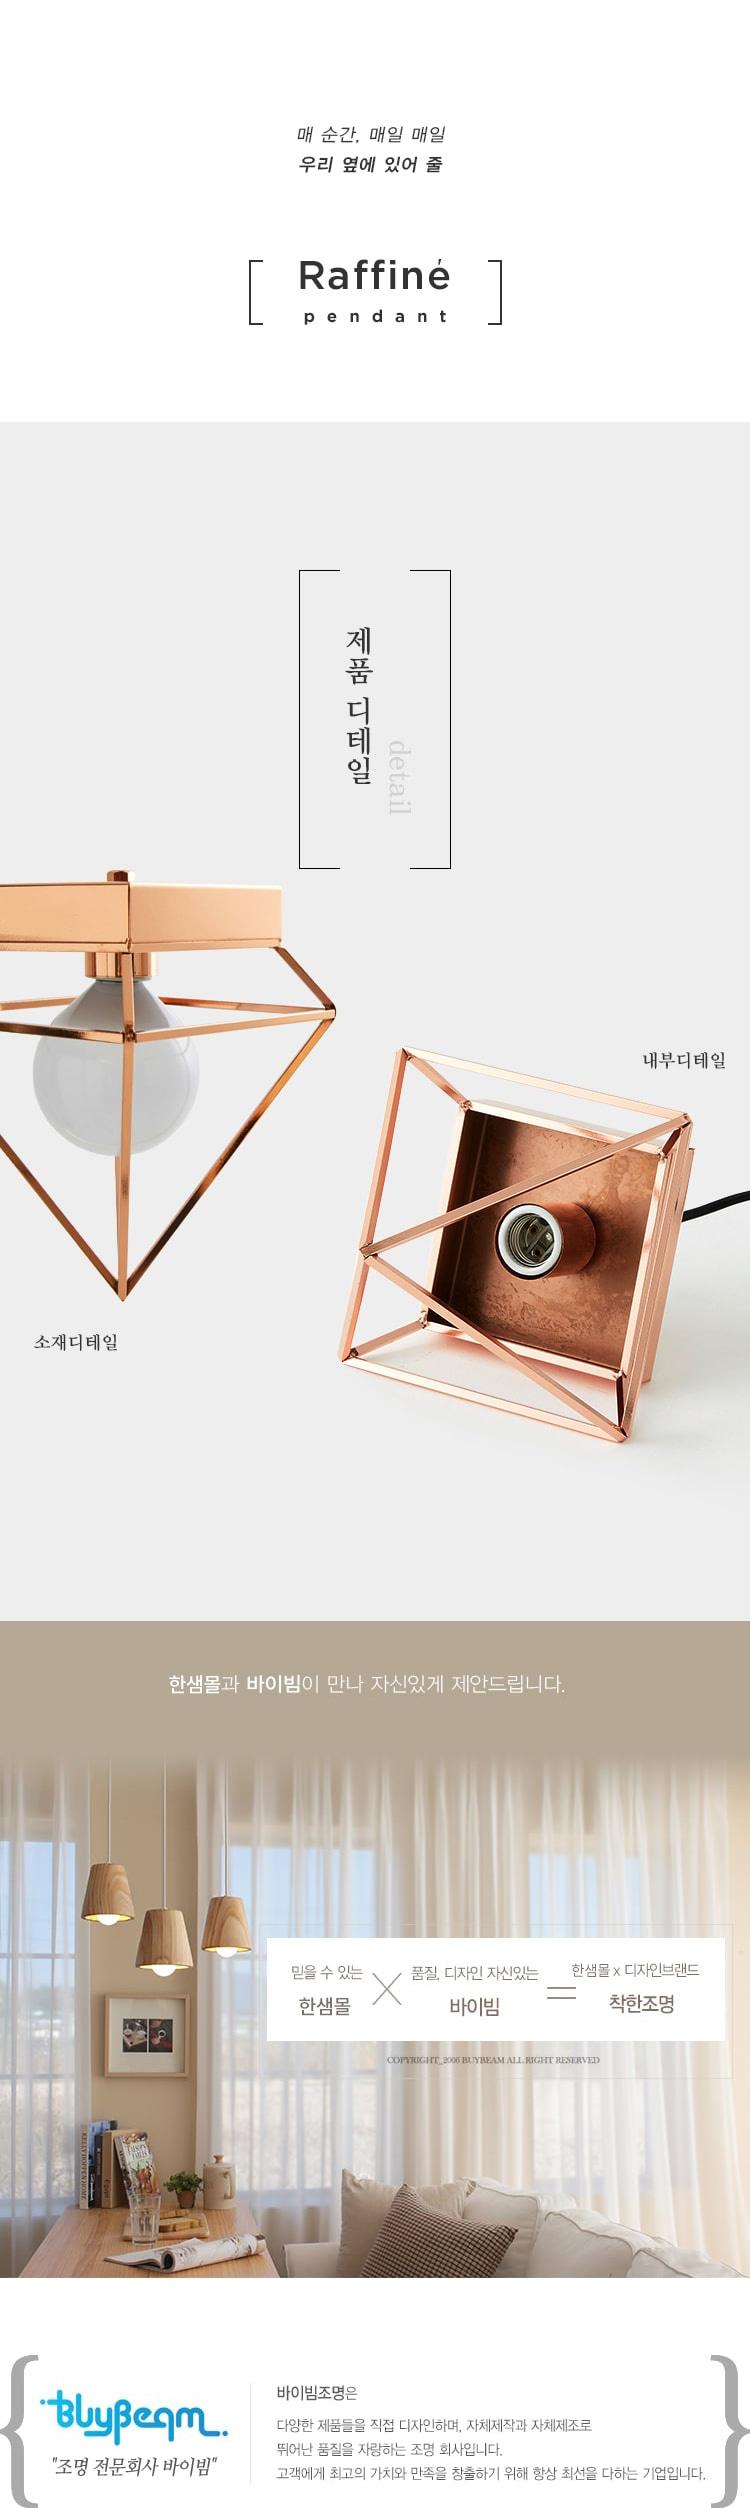 [한샘] 라 피 네 1등 펜던트(DIY) - 한샘, 59,000원, 디자인조명, 팬던트조명